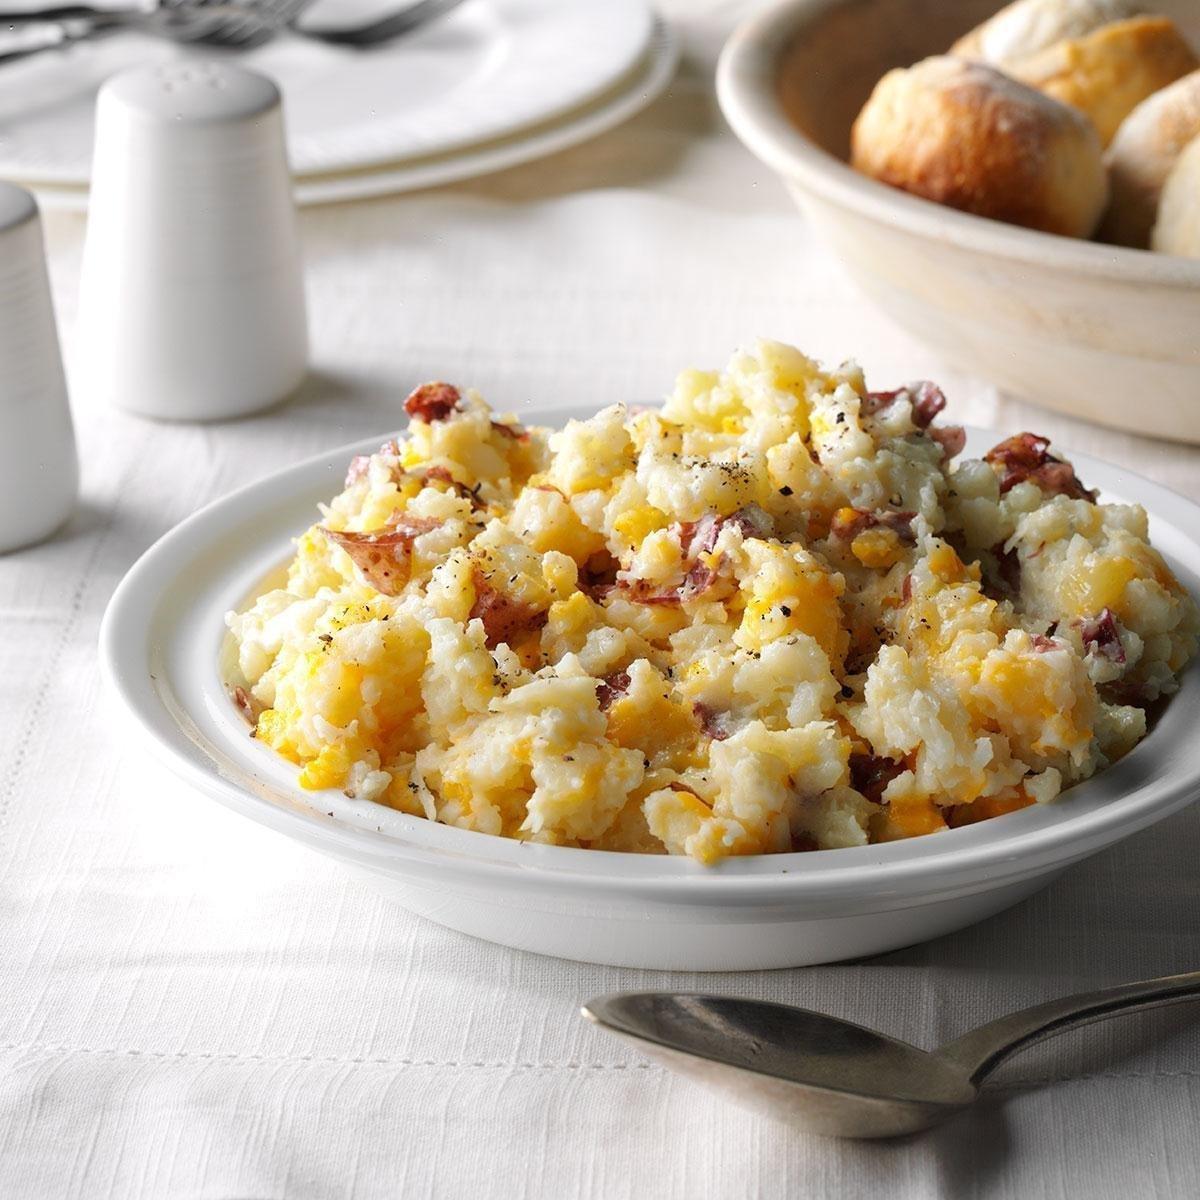 Mashed Potato Side Dishes Diabetics